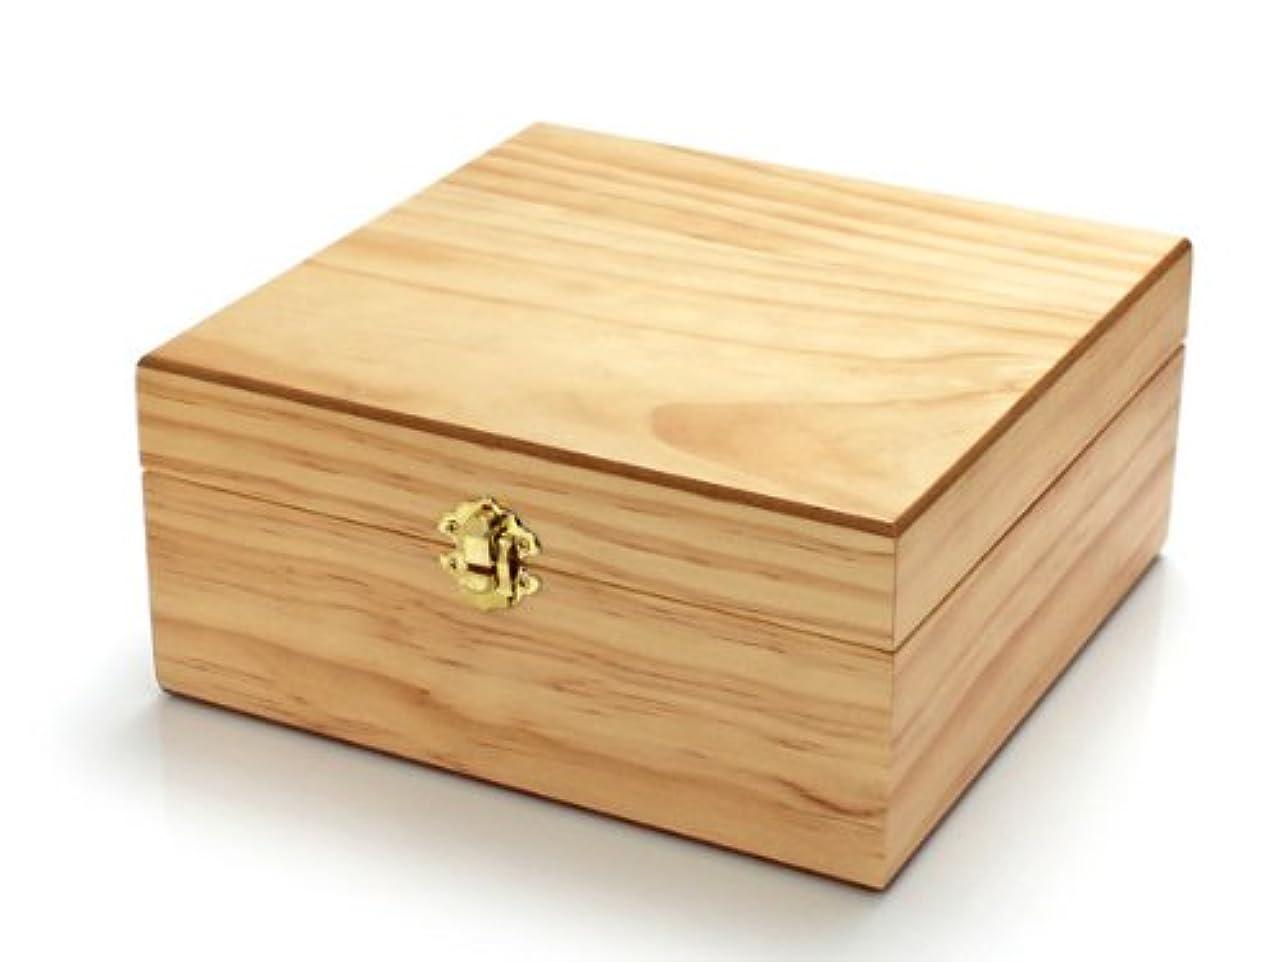 ブロッサム避けられないベーカリーエッセンシャルオイル収納ボックス 35本用